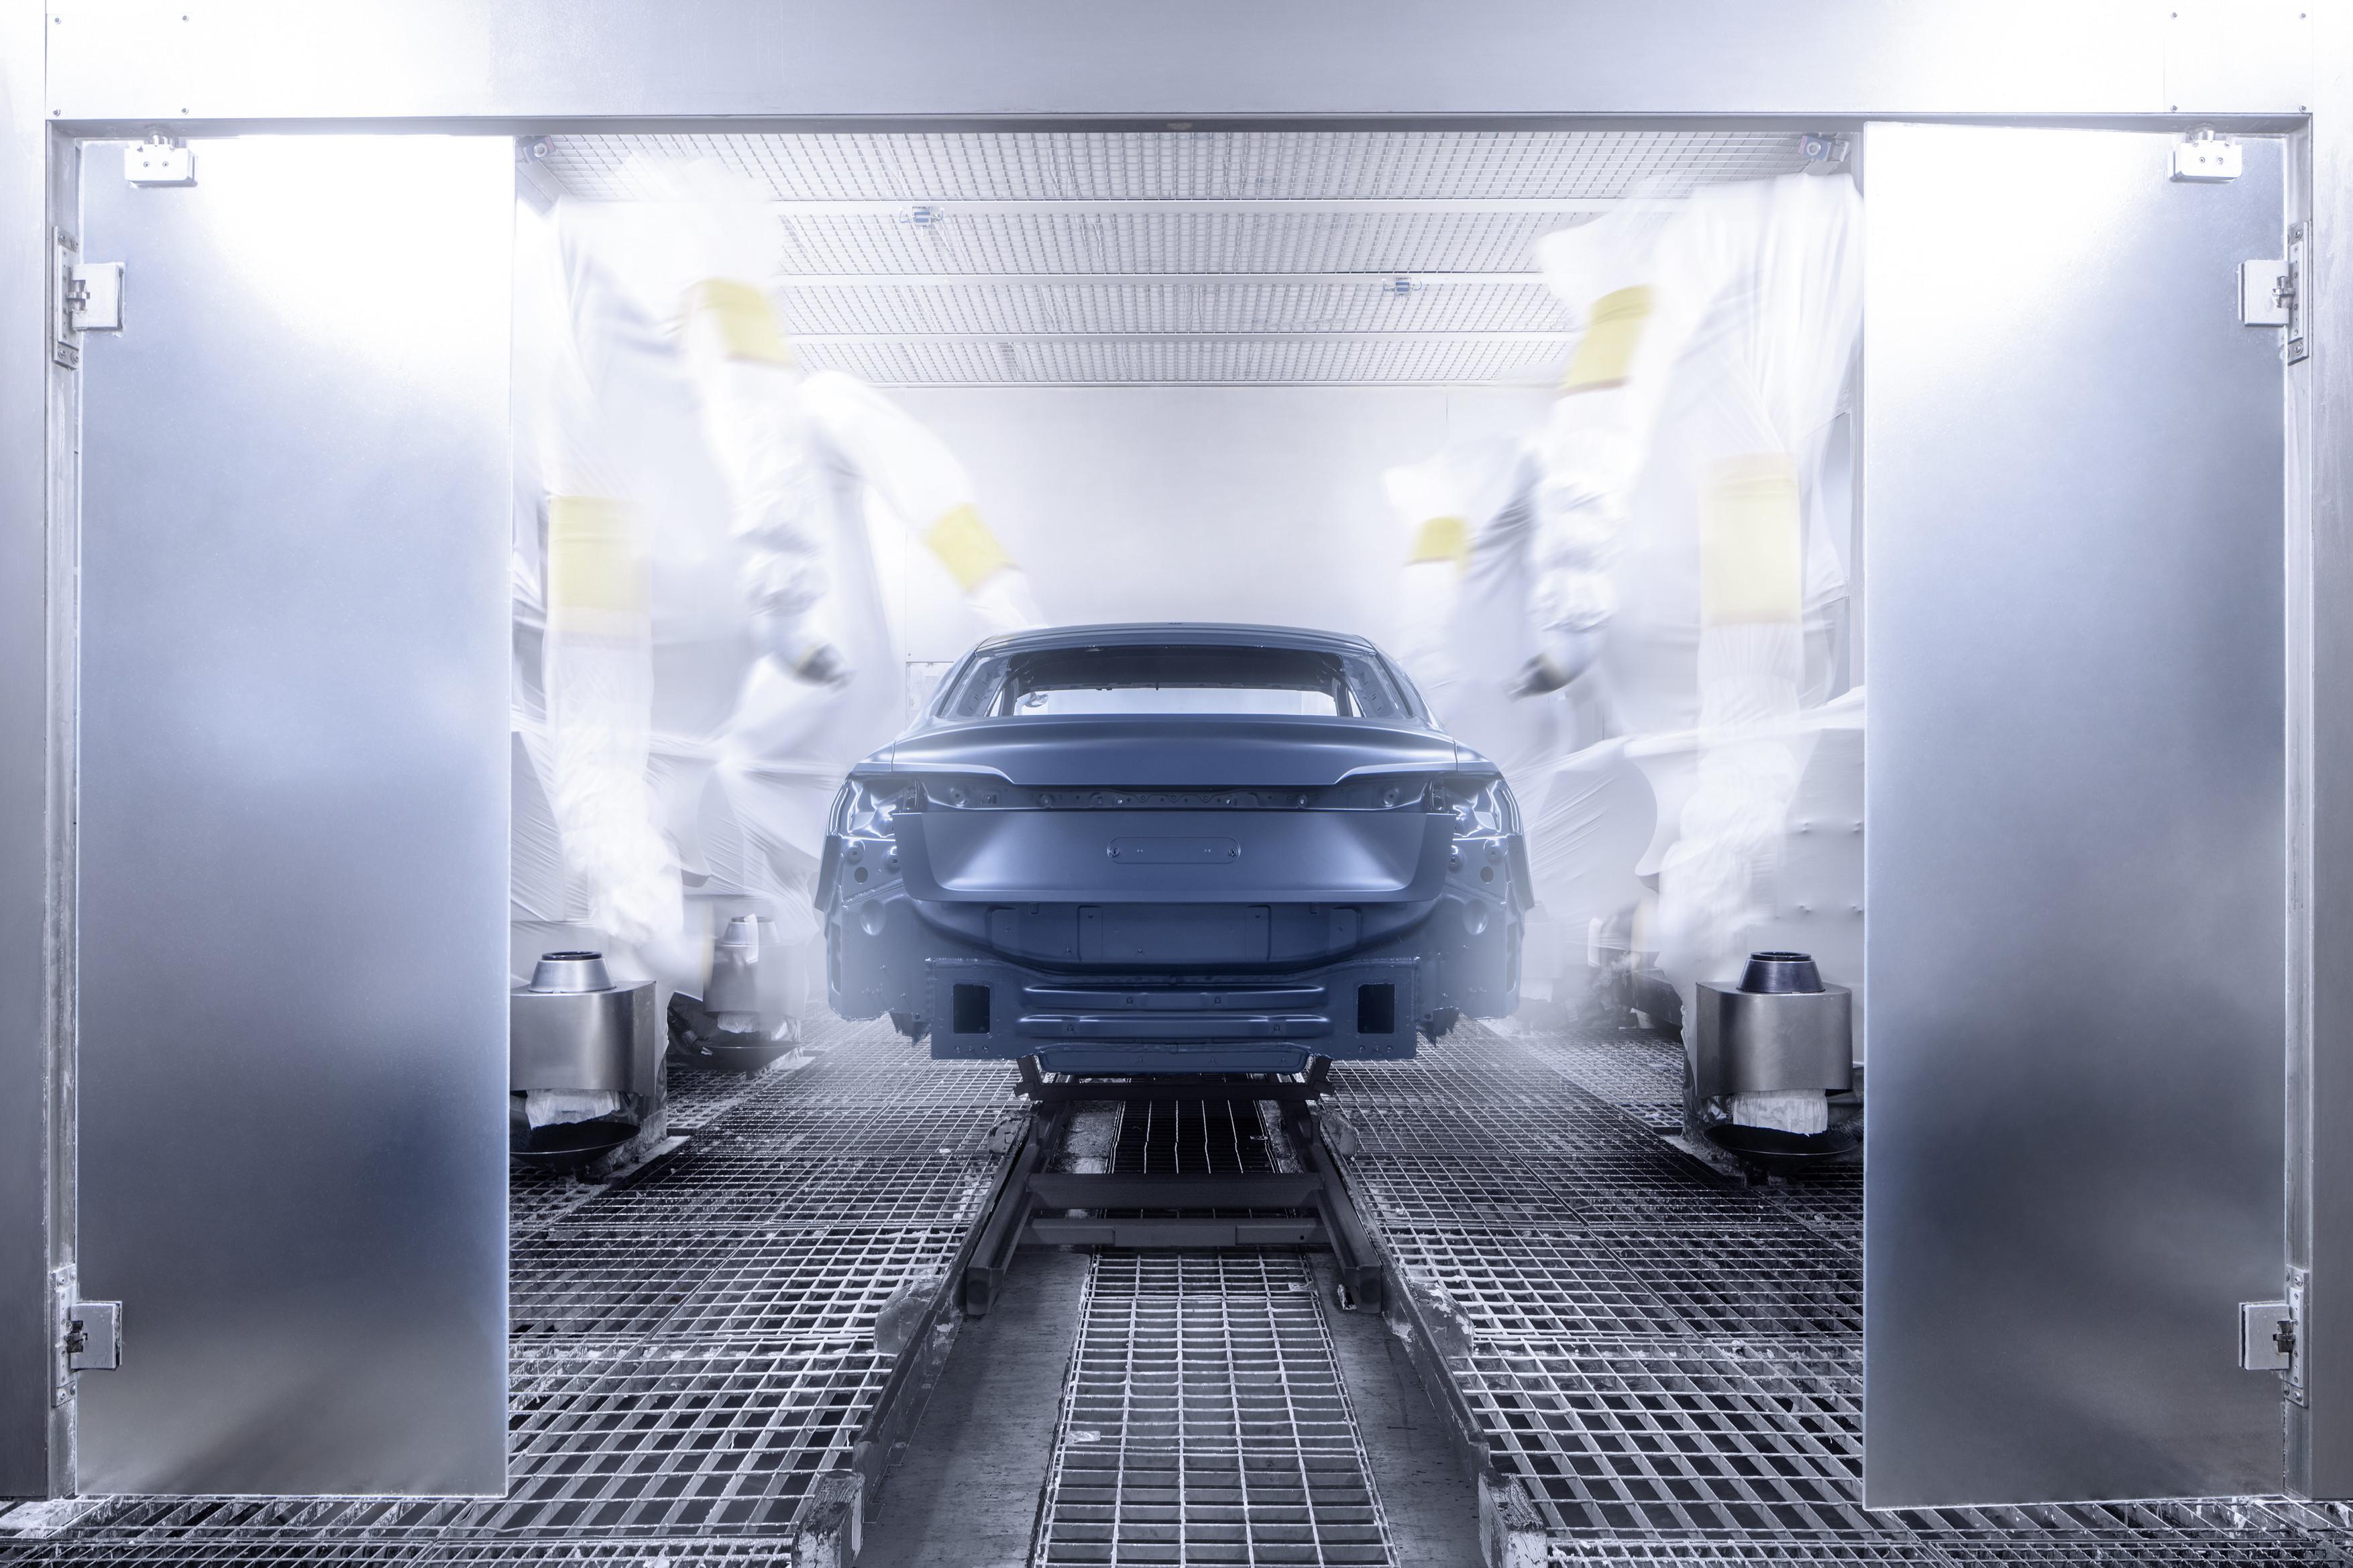 Audi e-tron Sportback - Production chez Audi Brussels